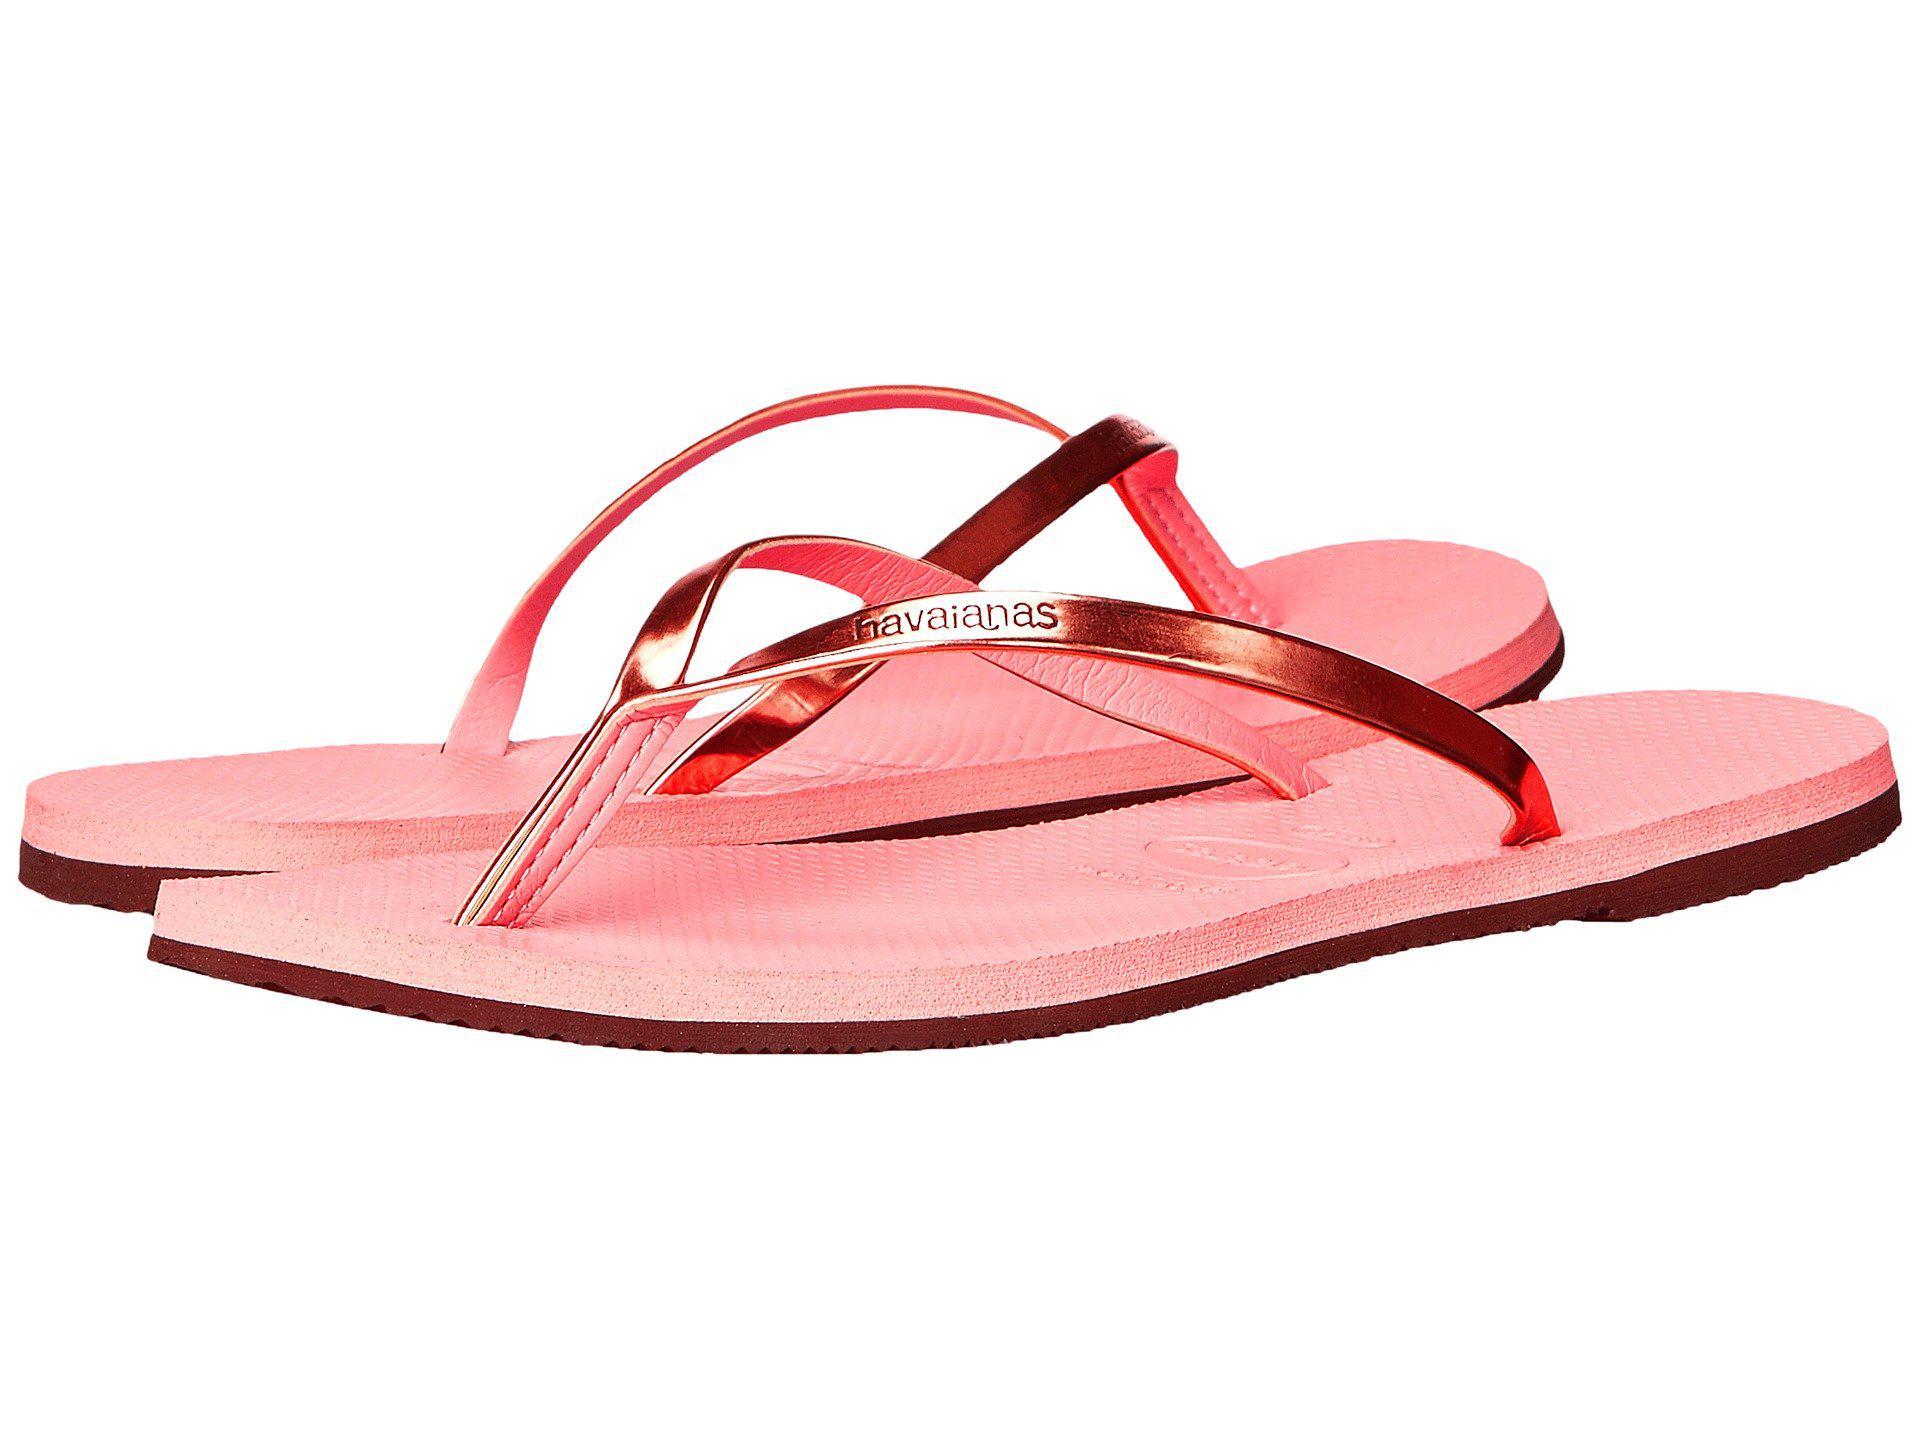 1c8b043e4 Lyst - Havaianas You Metallic Flip Flops in Pink